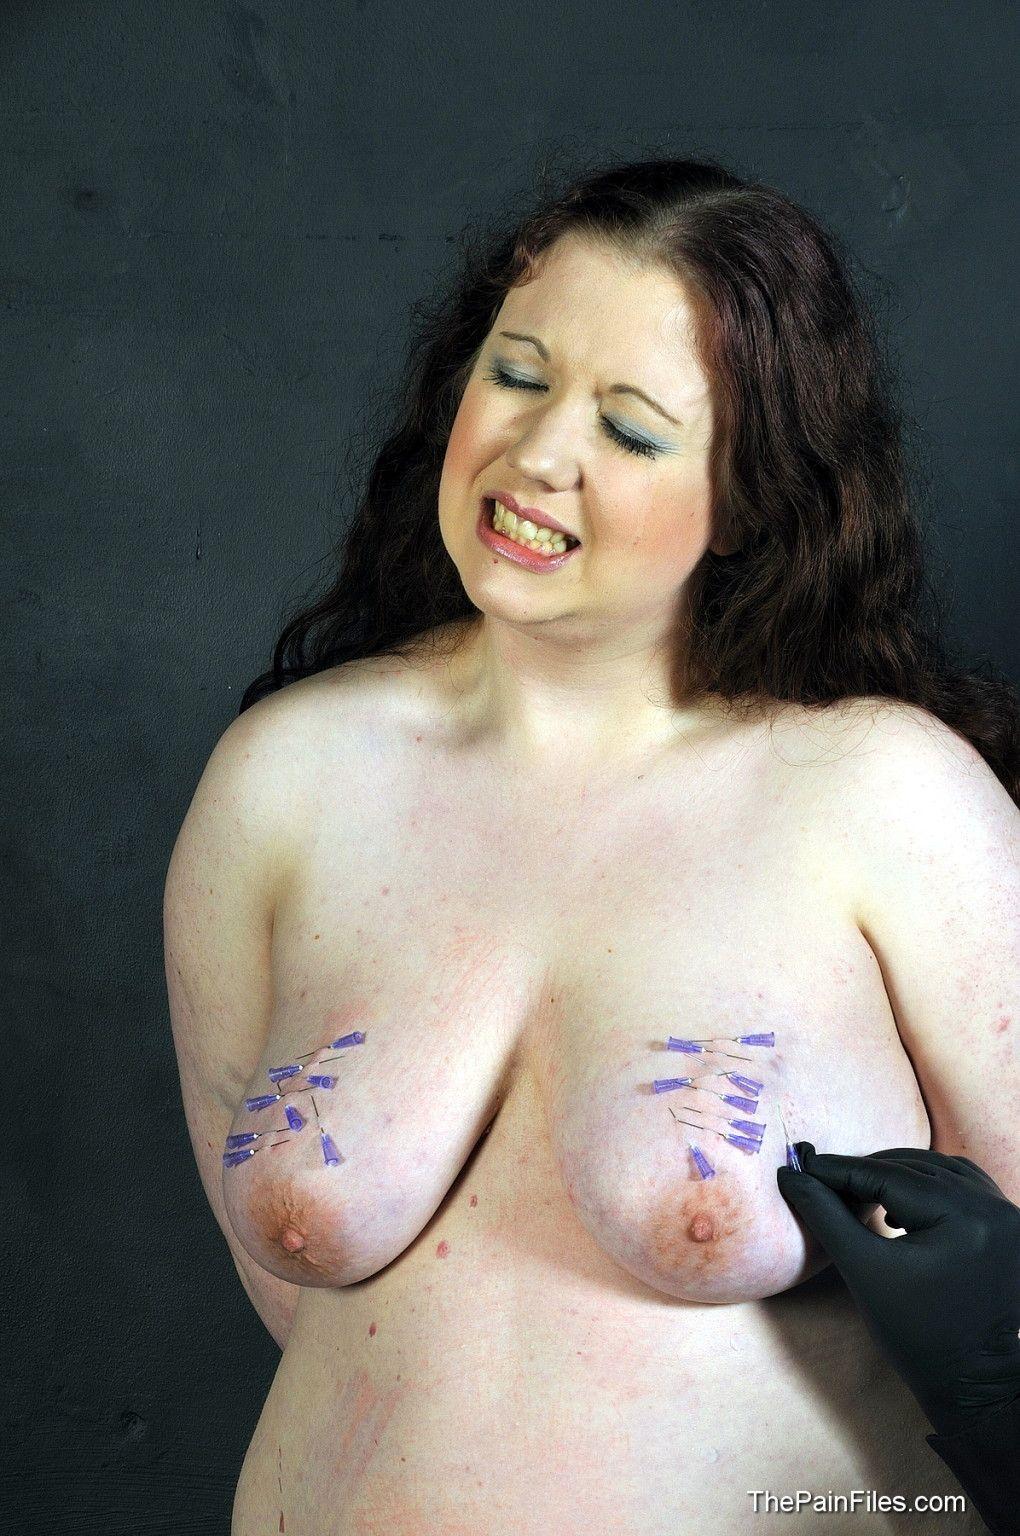 Nackt folter sklavin bdsm Brutal torture